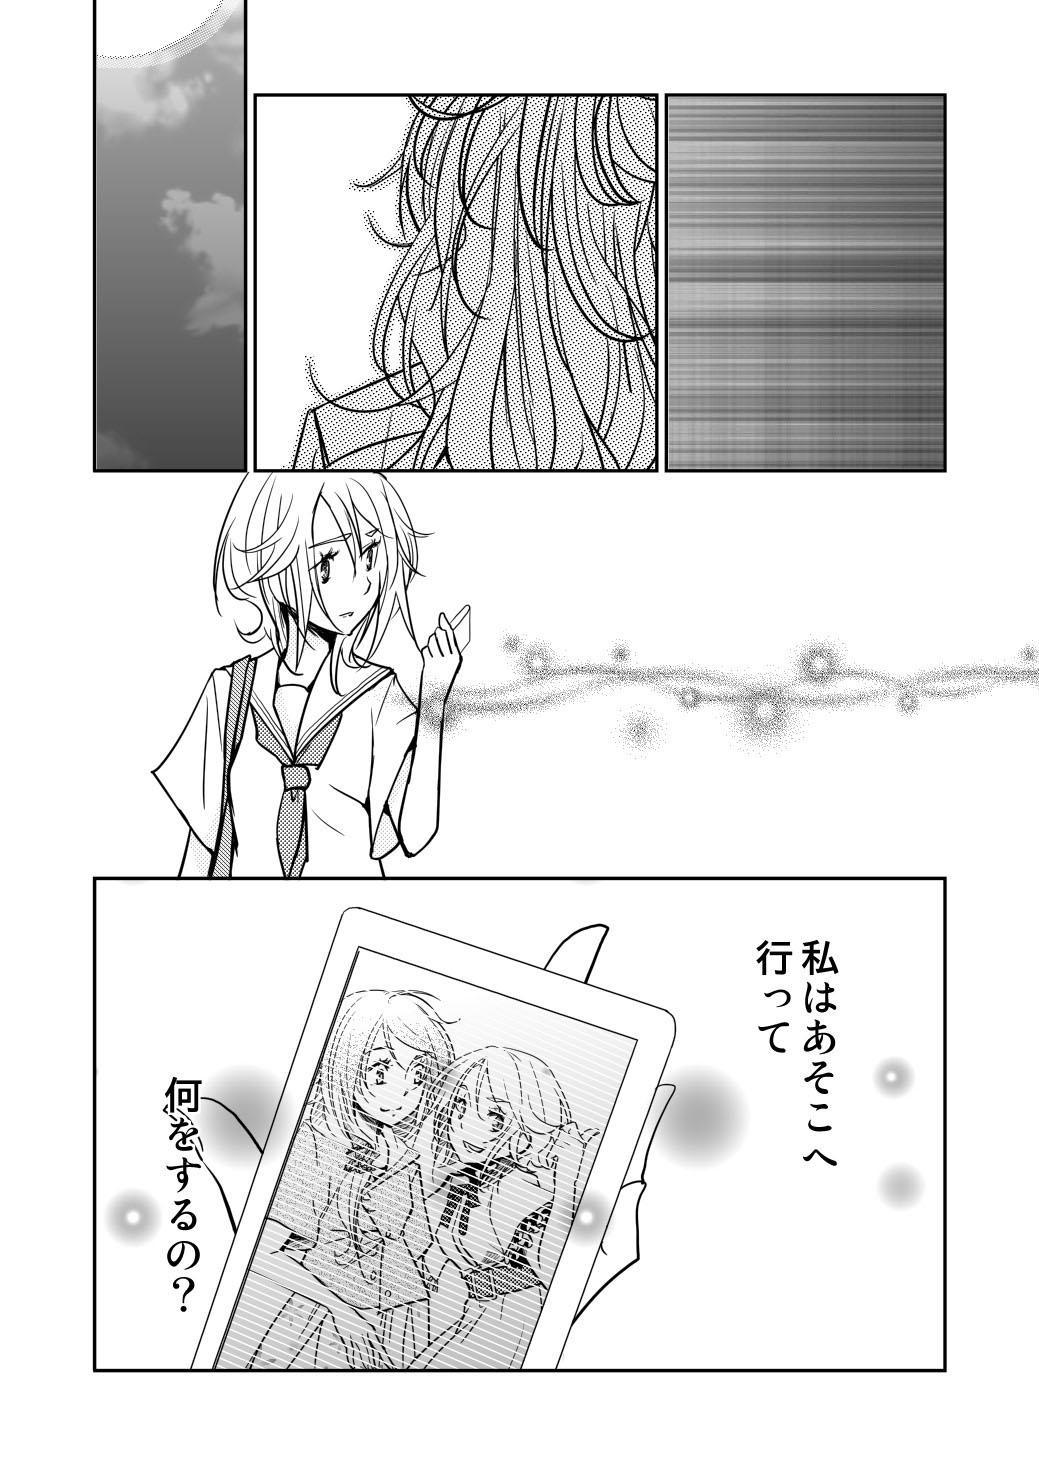 Yakusoku no Sora to Kimigaita Basho 1 ~ 2 27